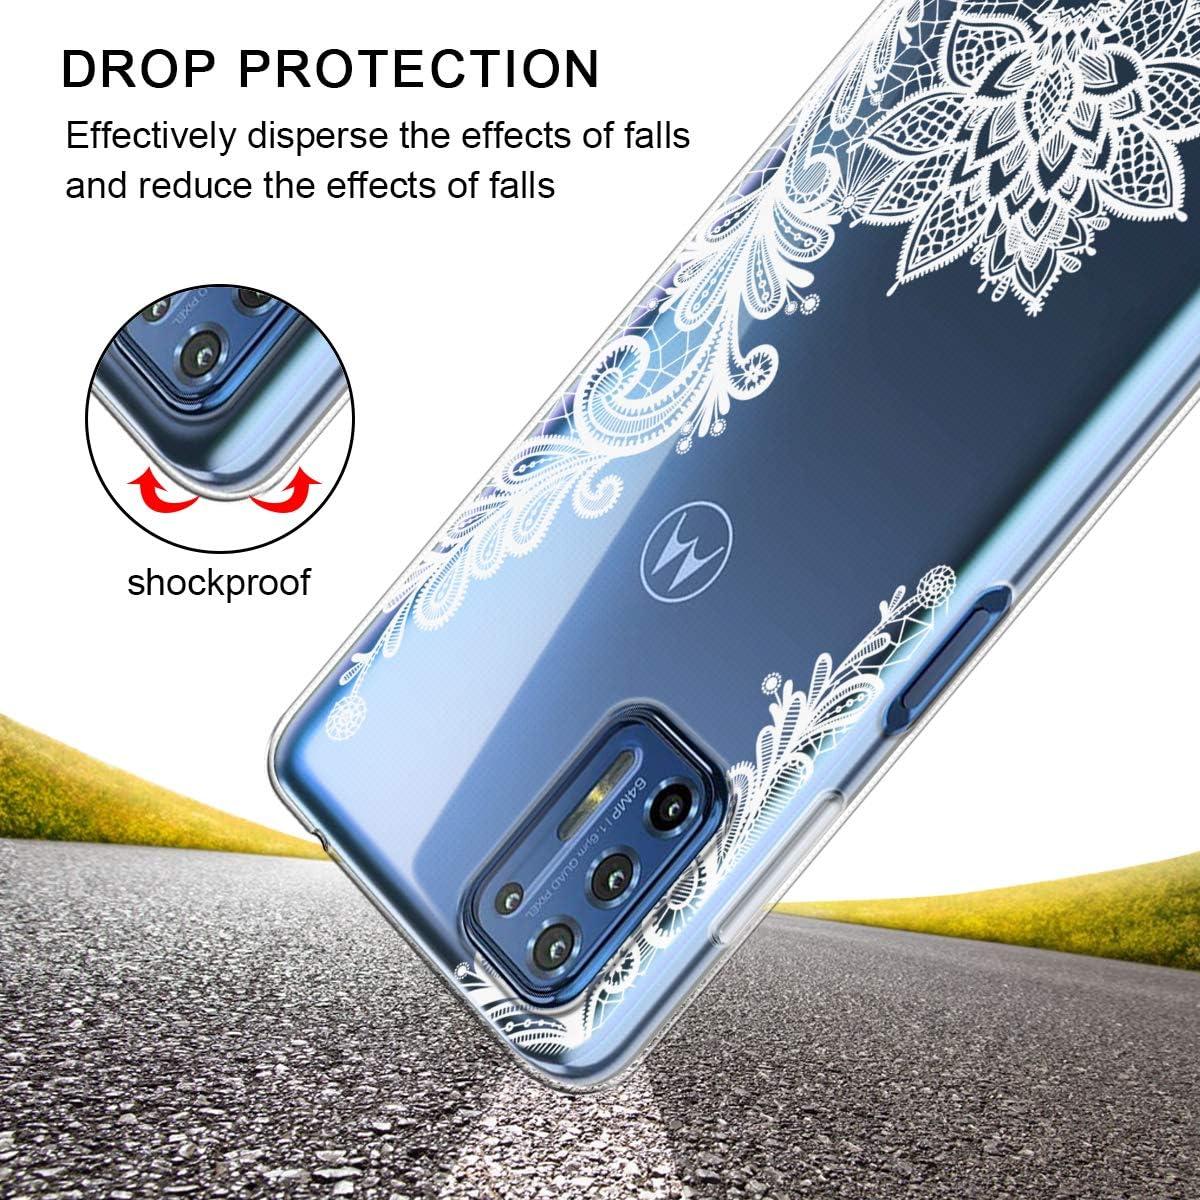 Reshias Coque de protection pour Moto G9 Plus 6,8 pouces souple et transparente en silicone TPU avec deux films de protection d/écran en verre tremp/é pour Moto G9 Plus